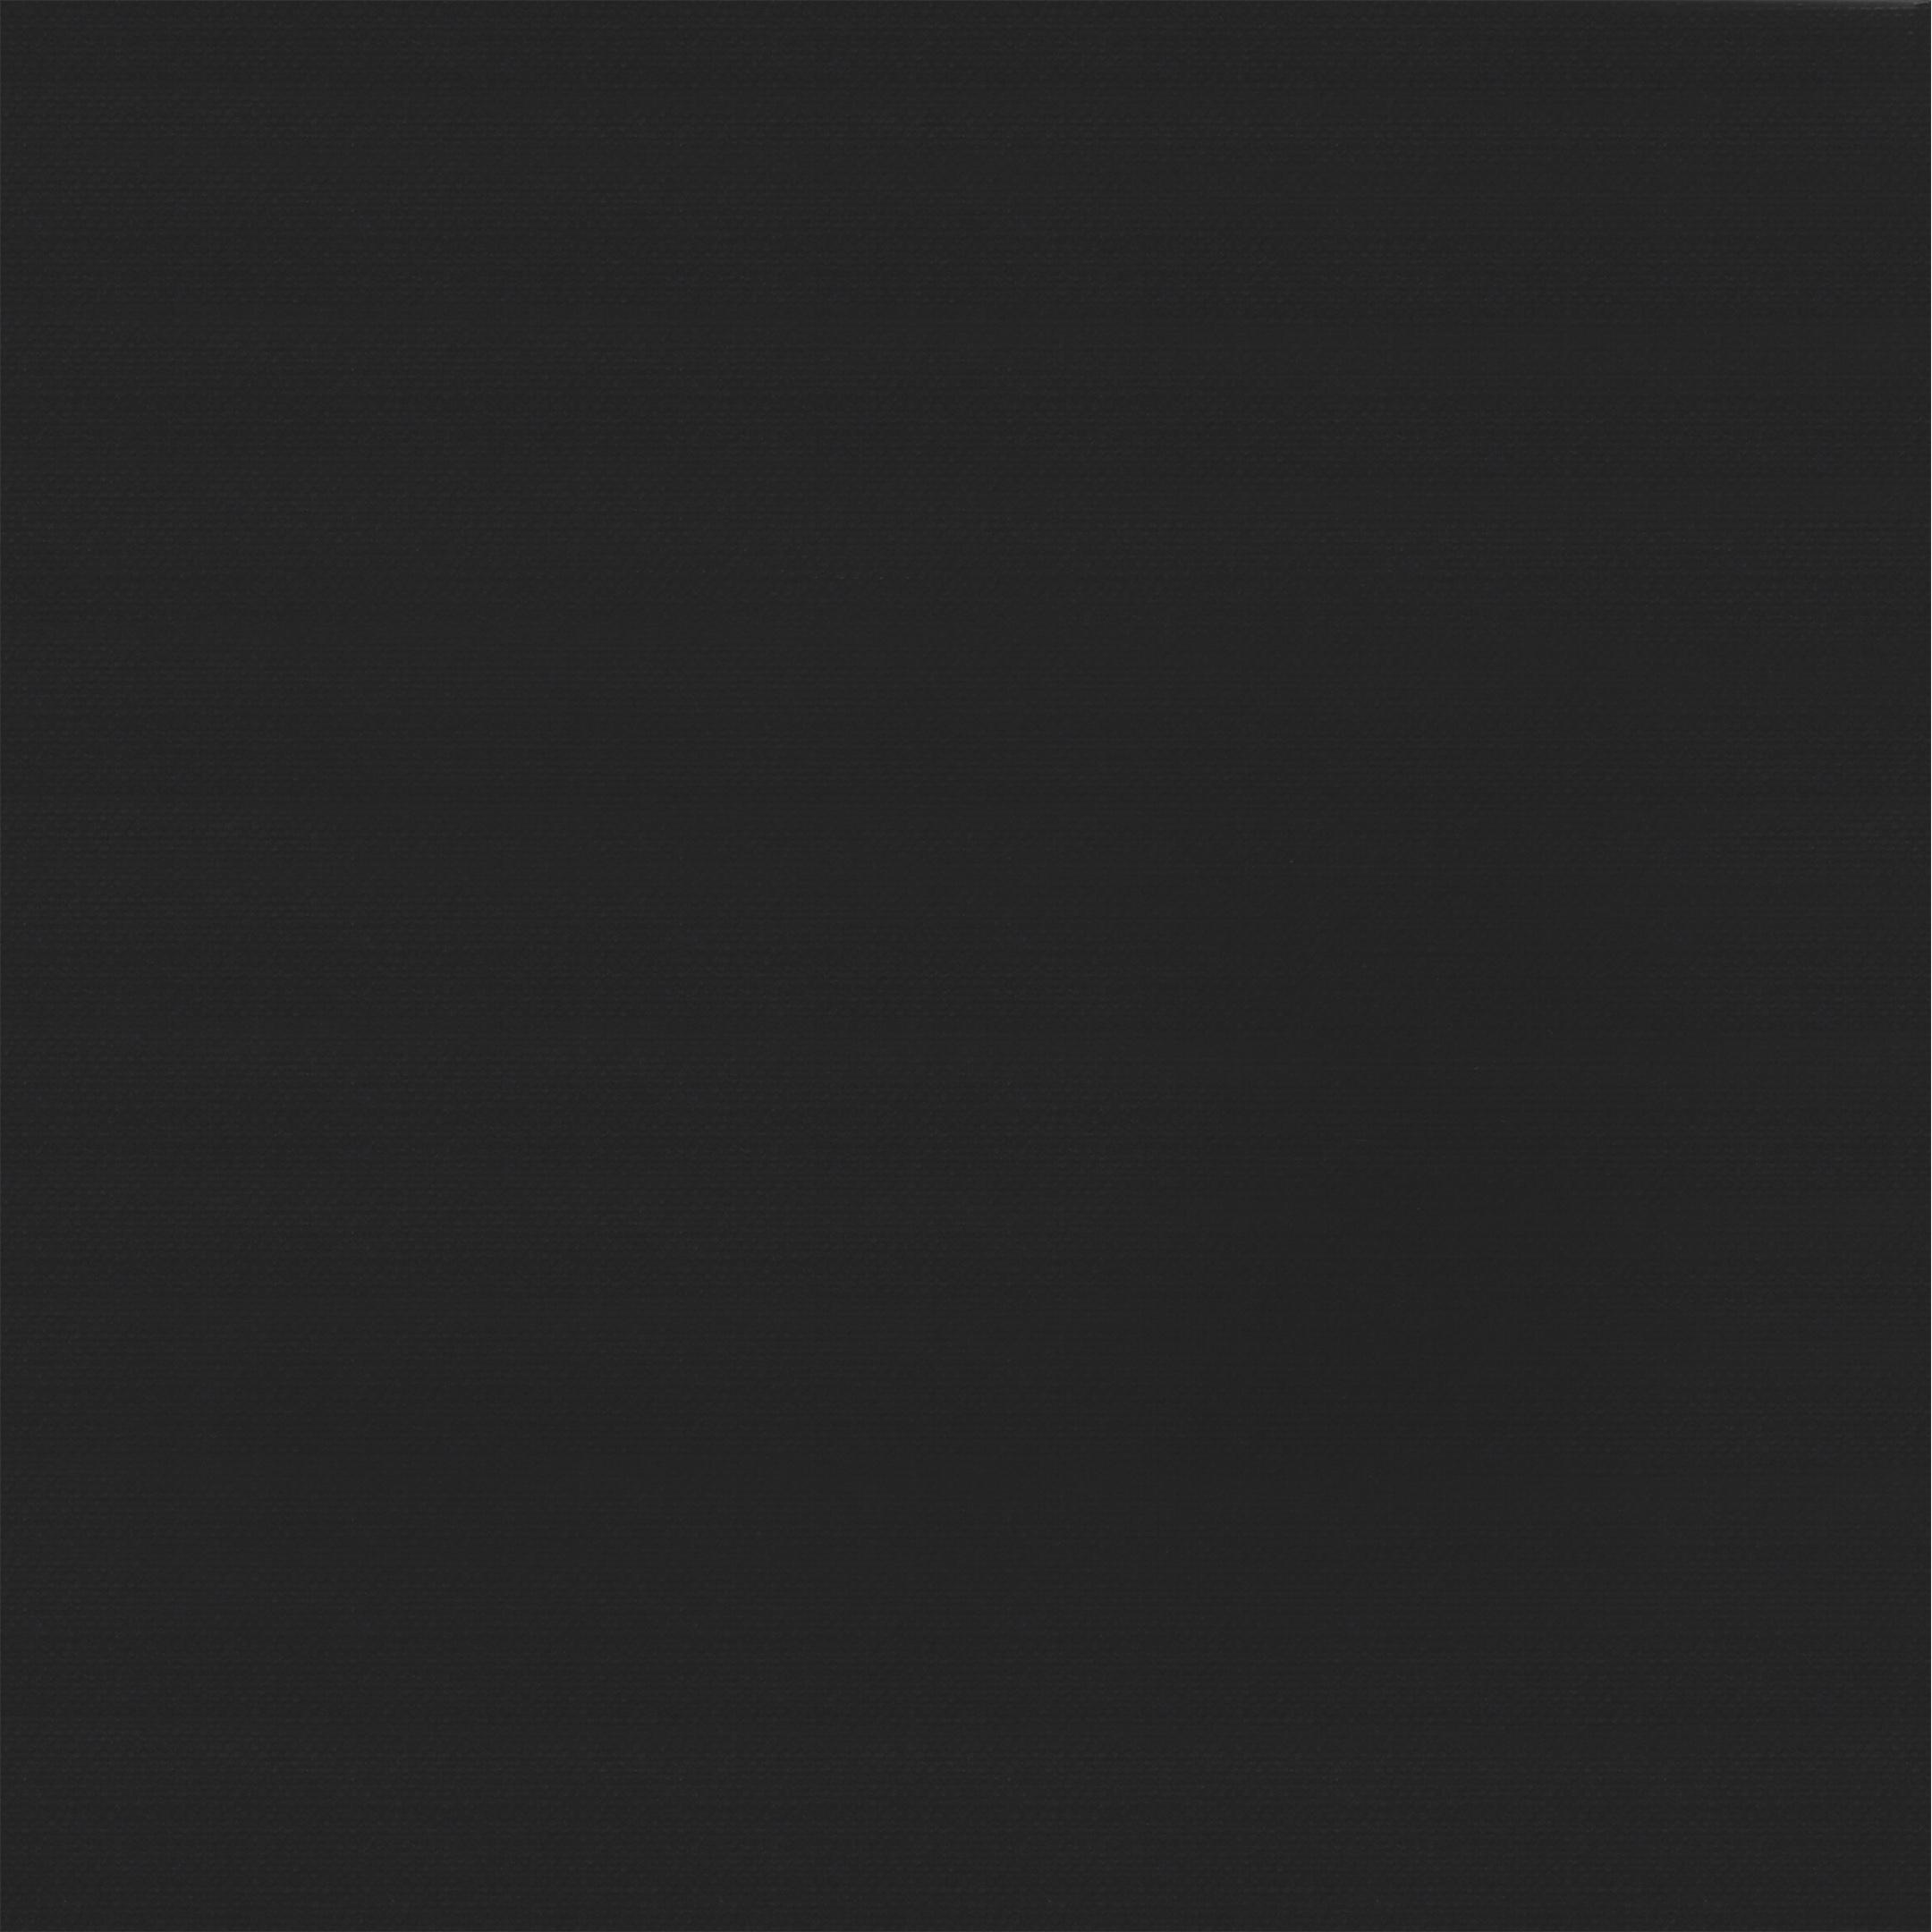 Плитка напольная Azori Vela nero 333x333x8 мм (12 шт.=1,33 кв.м)